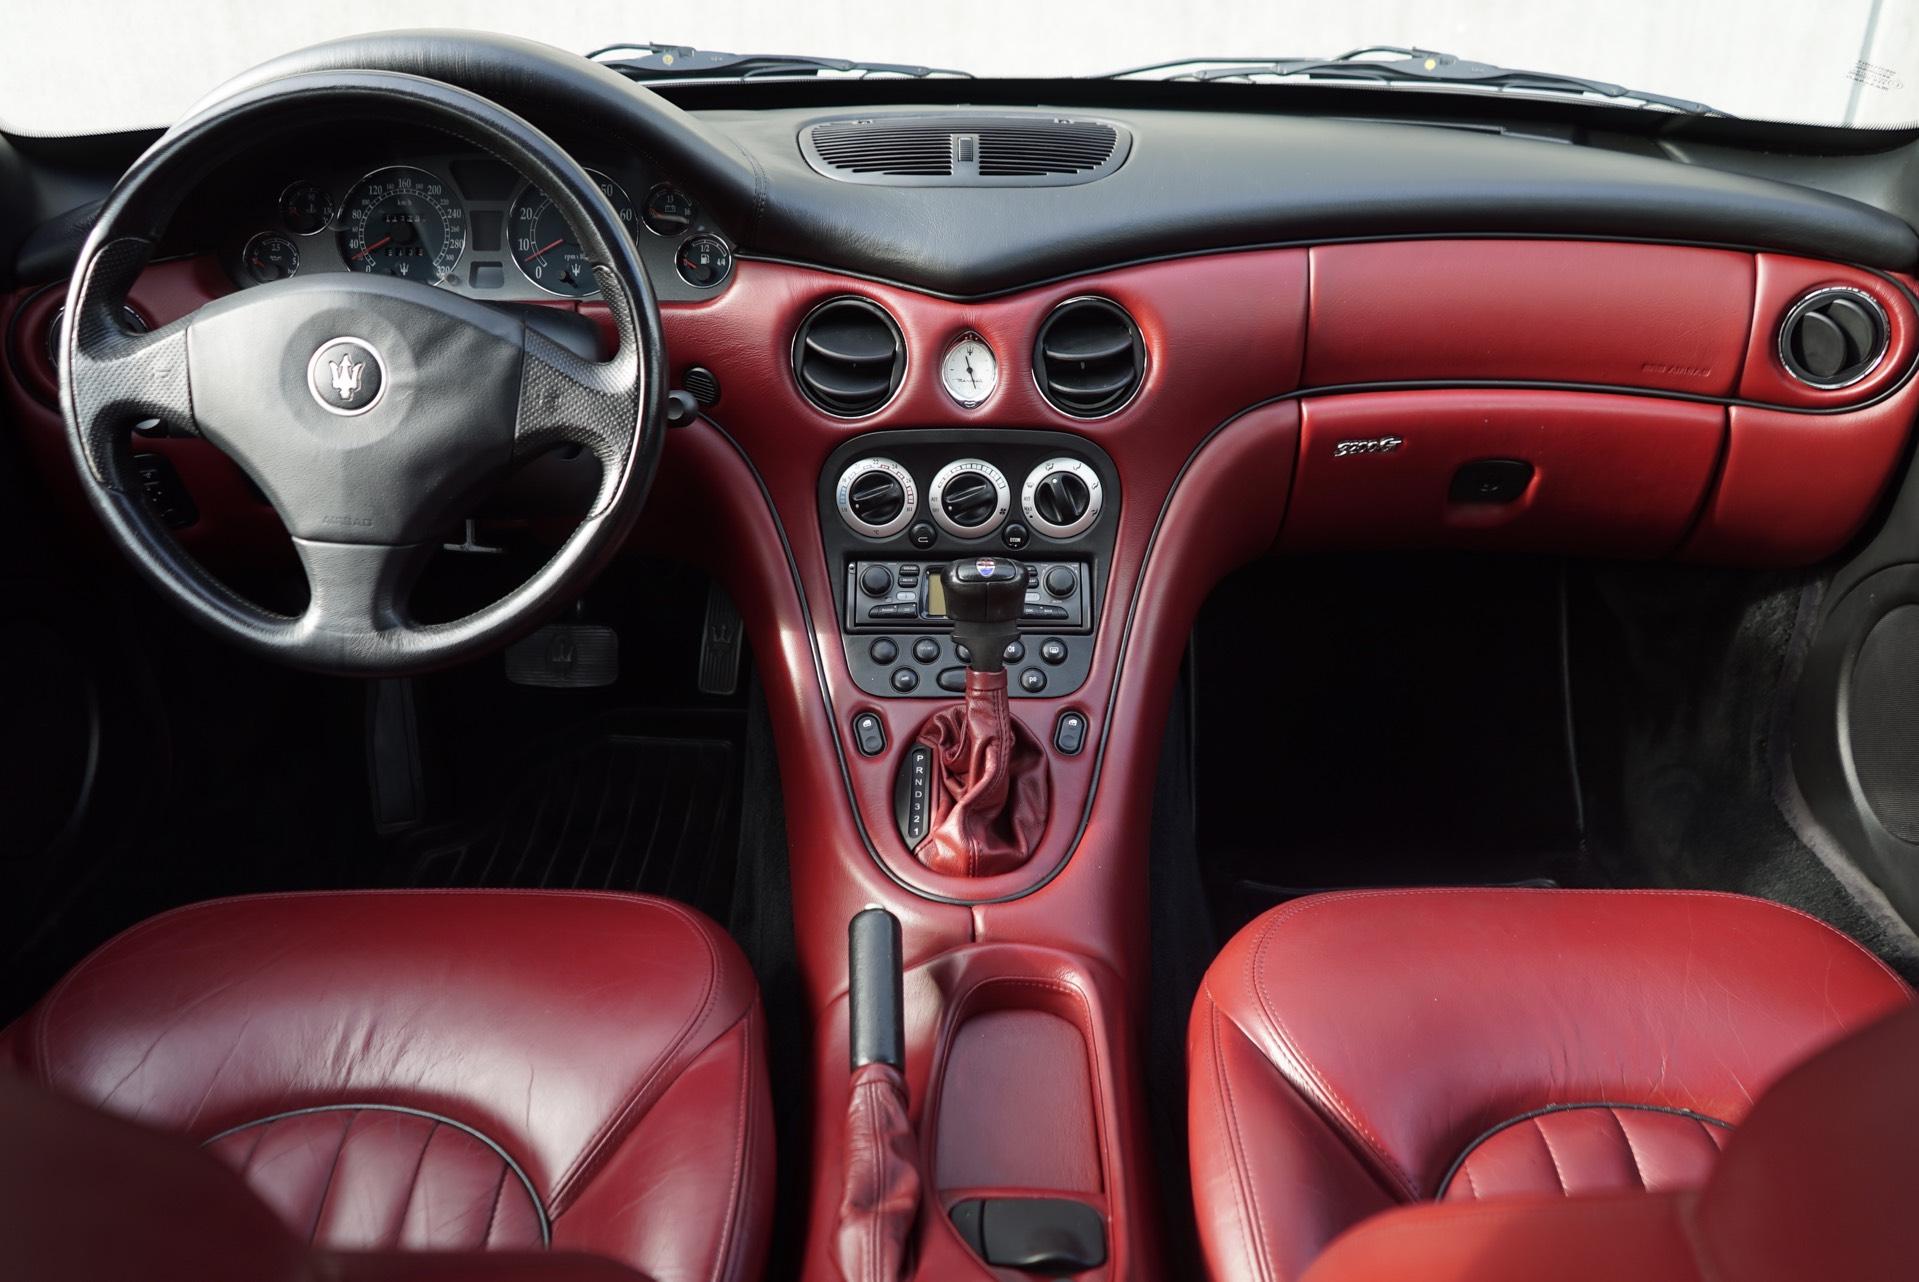 MASERATI 3200 V8 GTA NERO